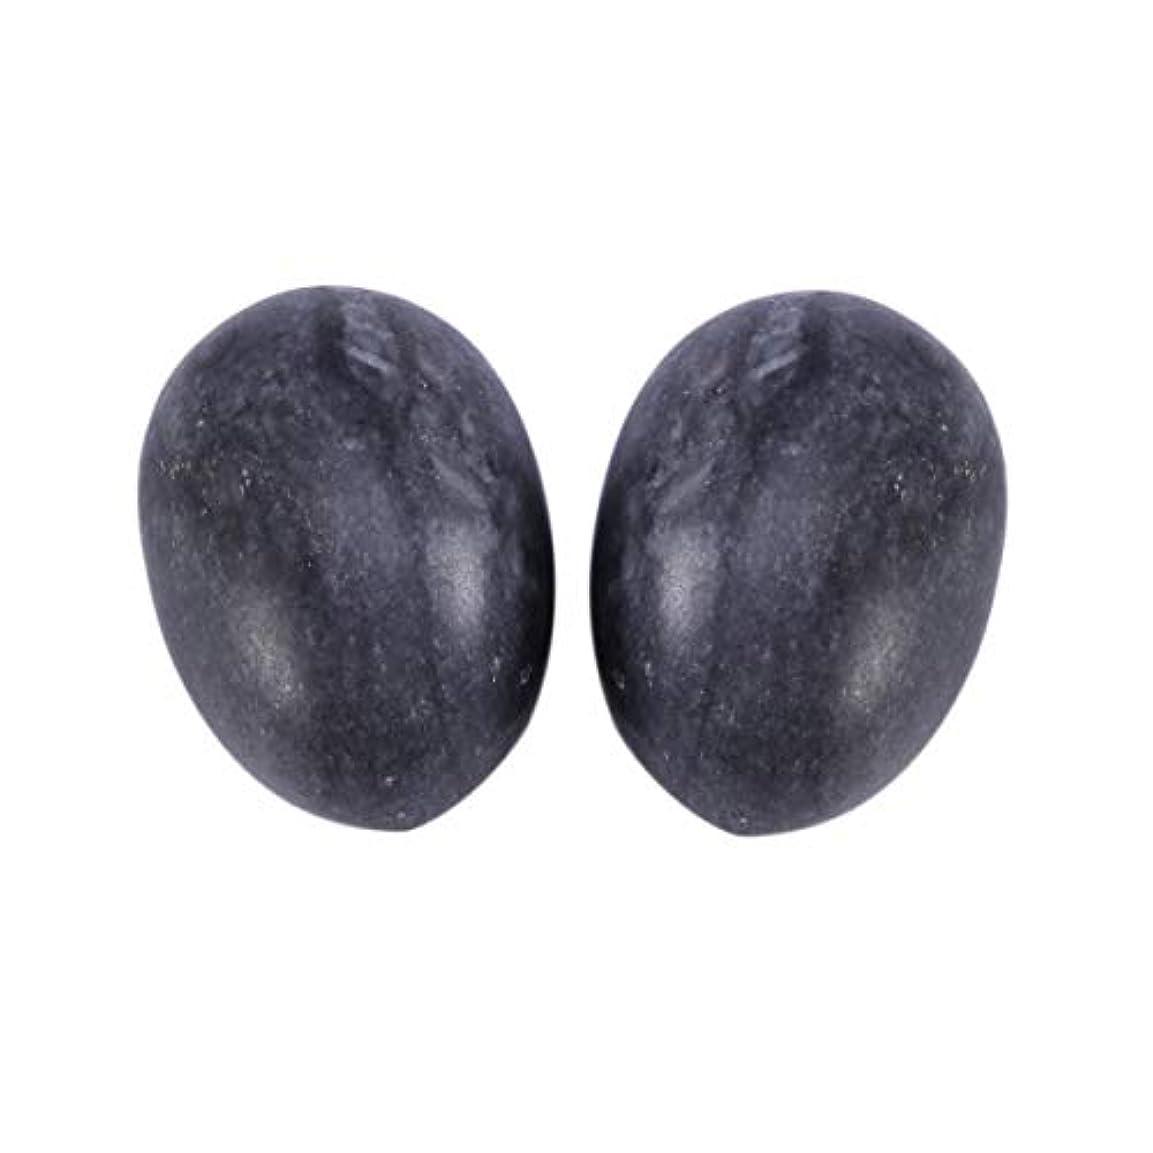 ゲートウェイブリード凍るSUPVOX 6本ネフライトジェイドヨニエッグジェイドヨニマッサージストーンチャクラ骨盤筋肉癒しの卵マッサージケゲルエクササイズ(ブラックブルージェイドエッグ)